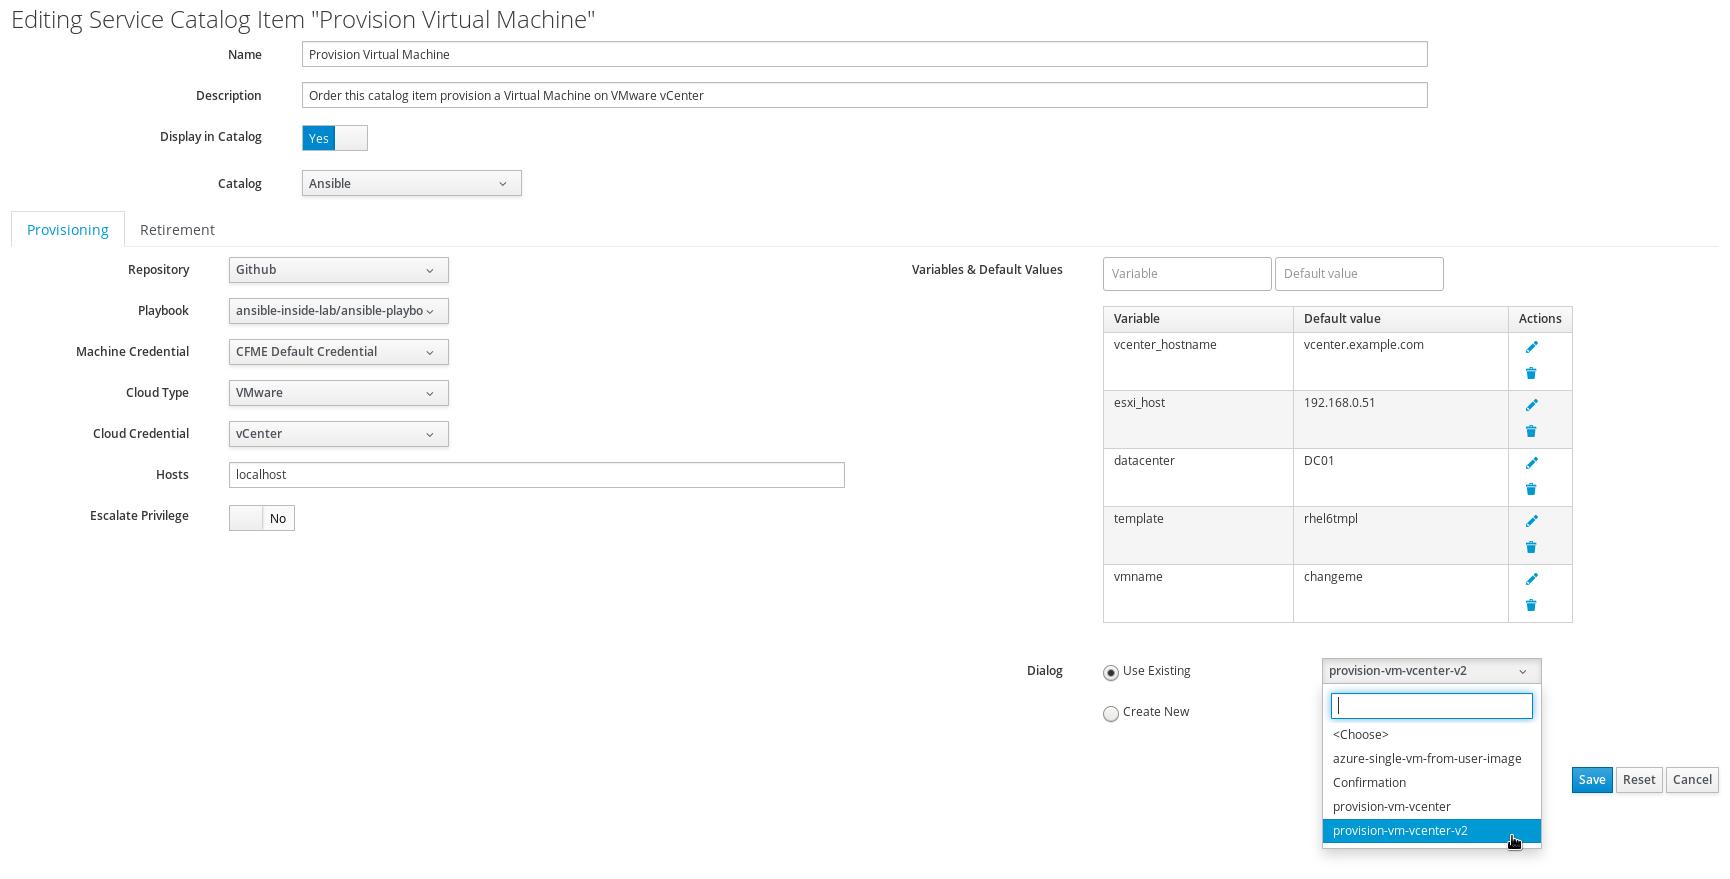 change dialog to provision-vm-vcenter-v2